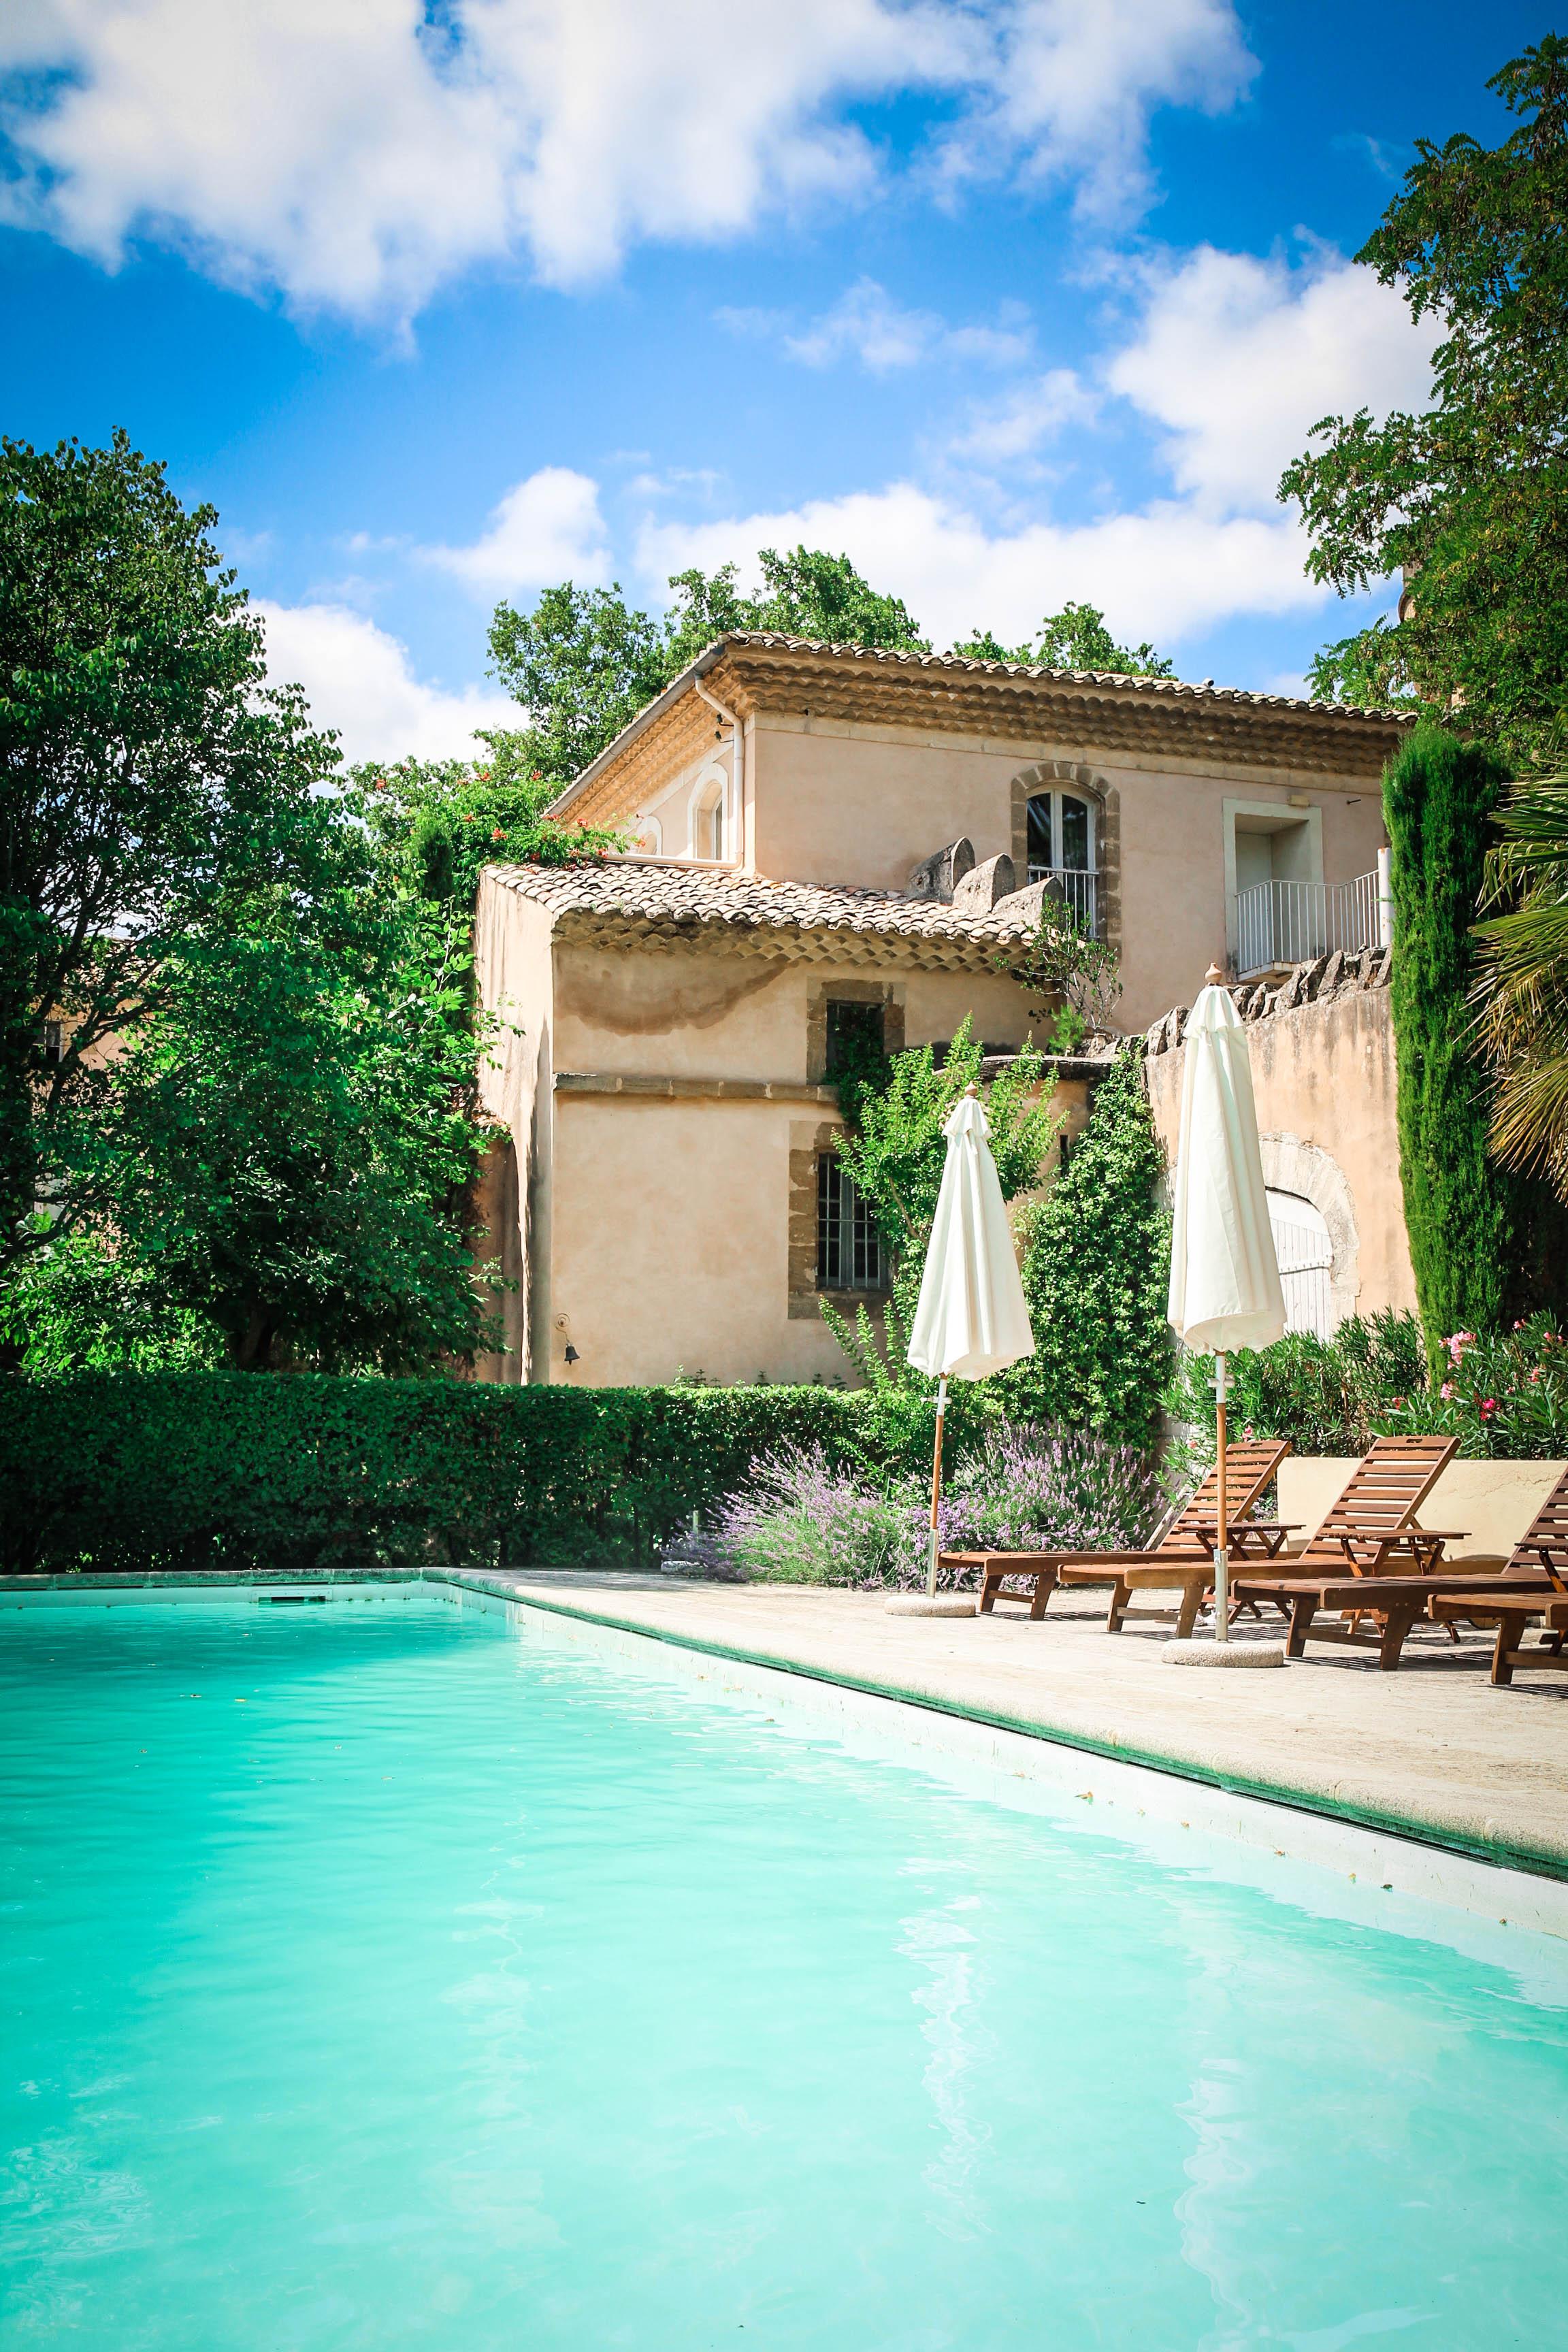 Zwembad - idyllische - château de massillan - Reizen met kinderen - Slapen in een kasteel